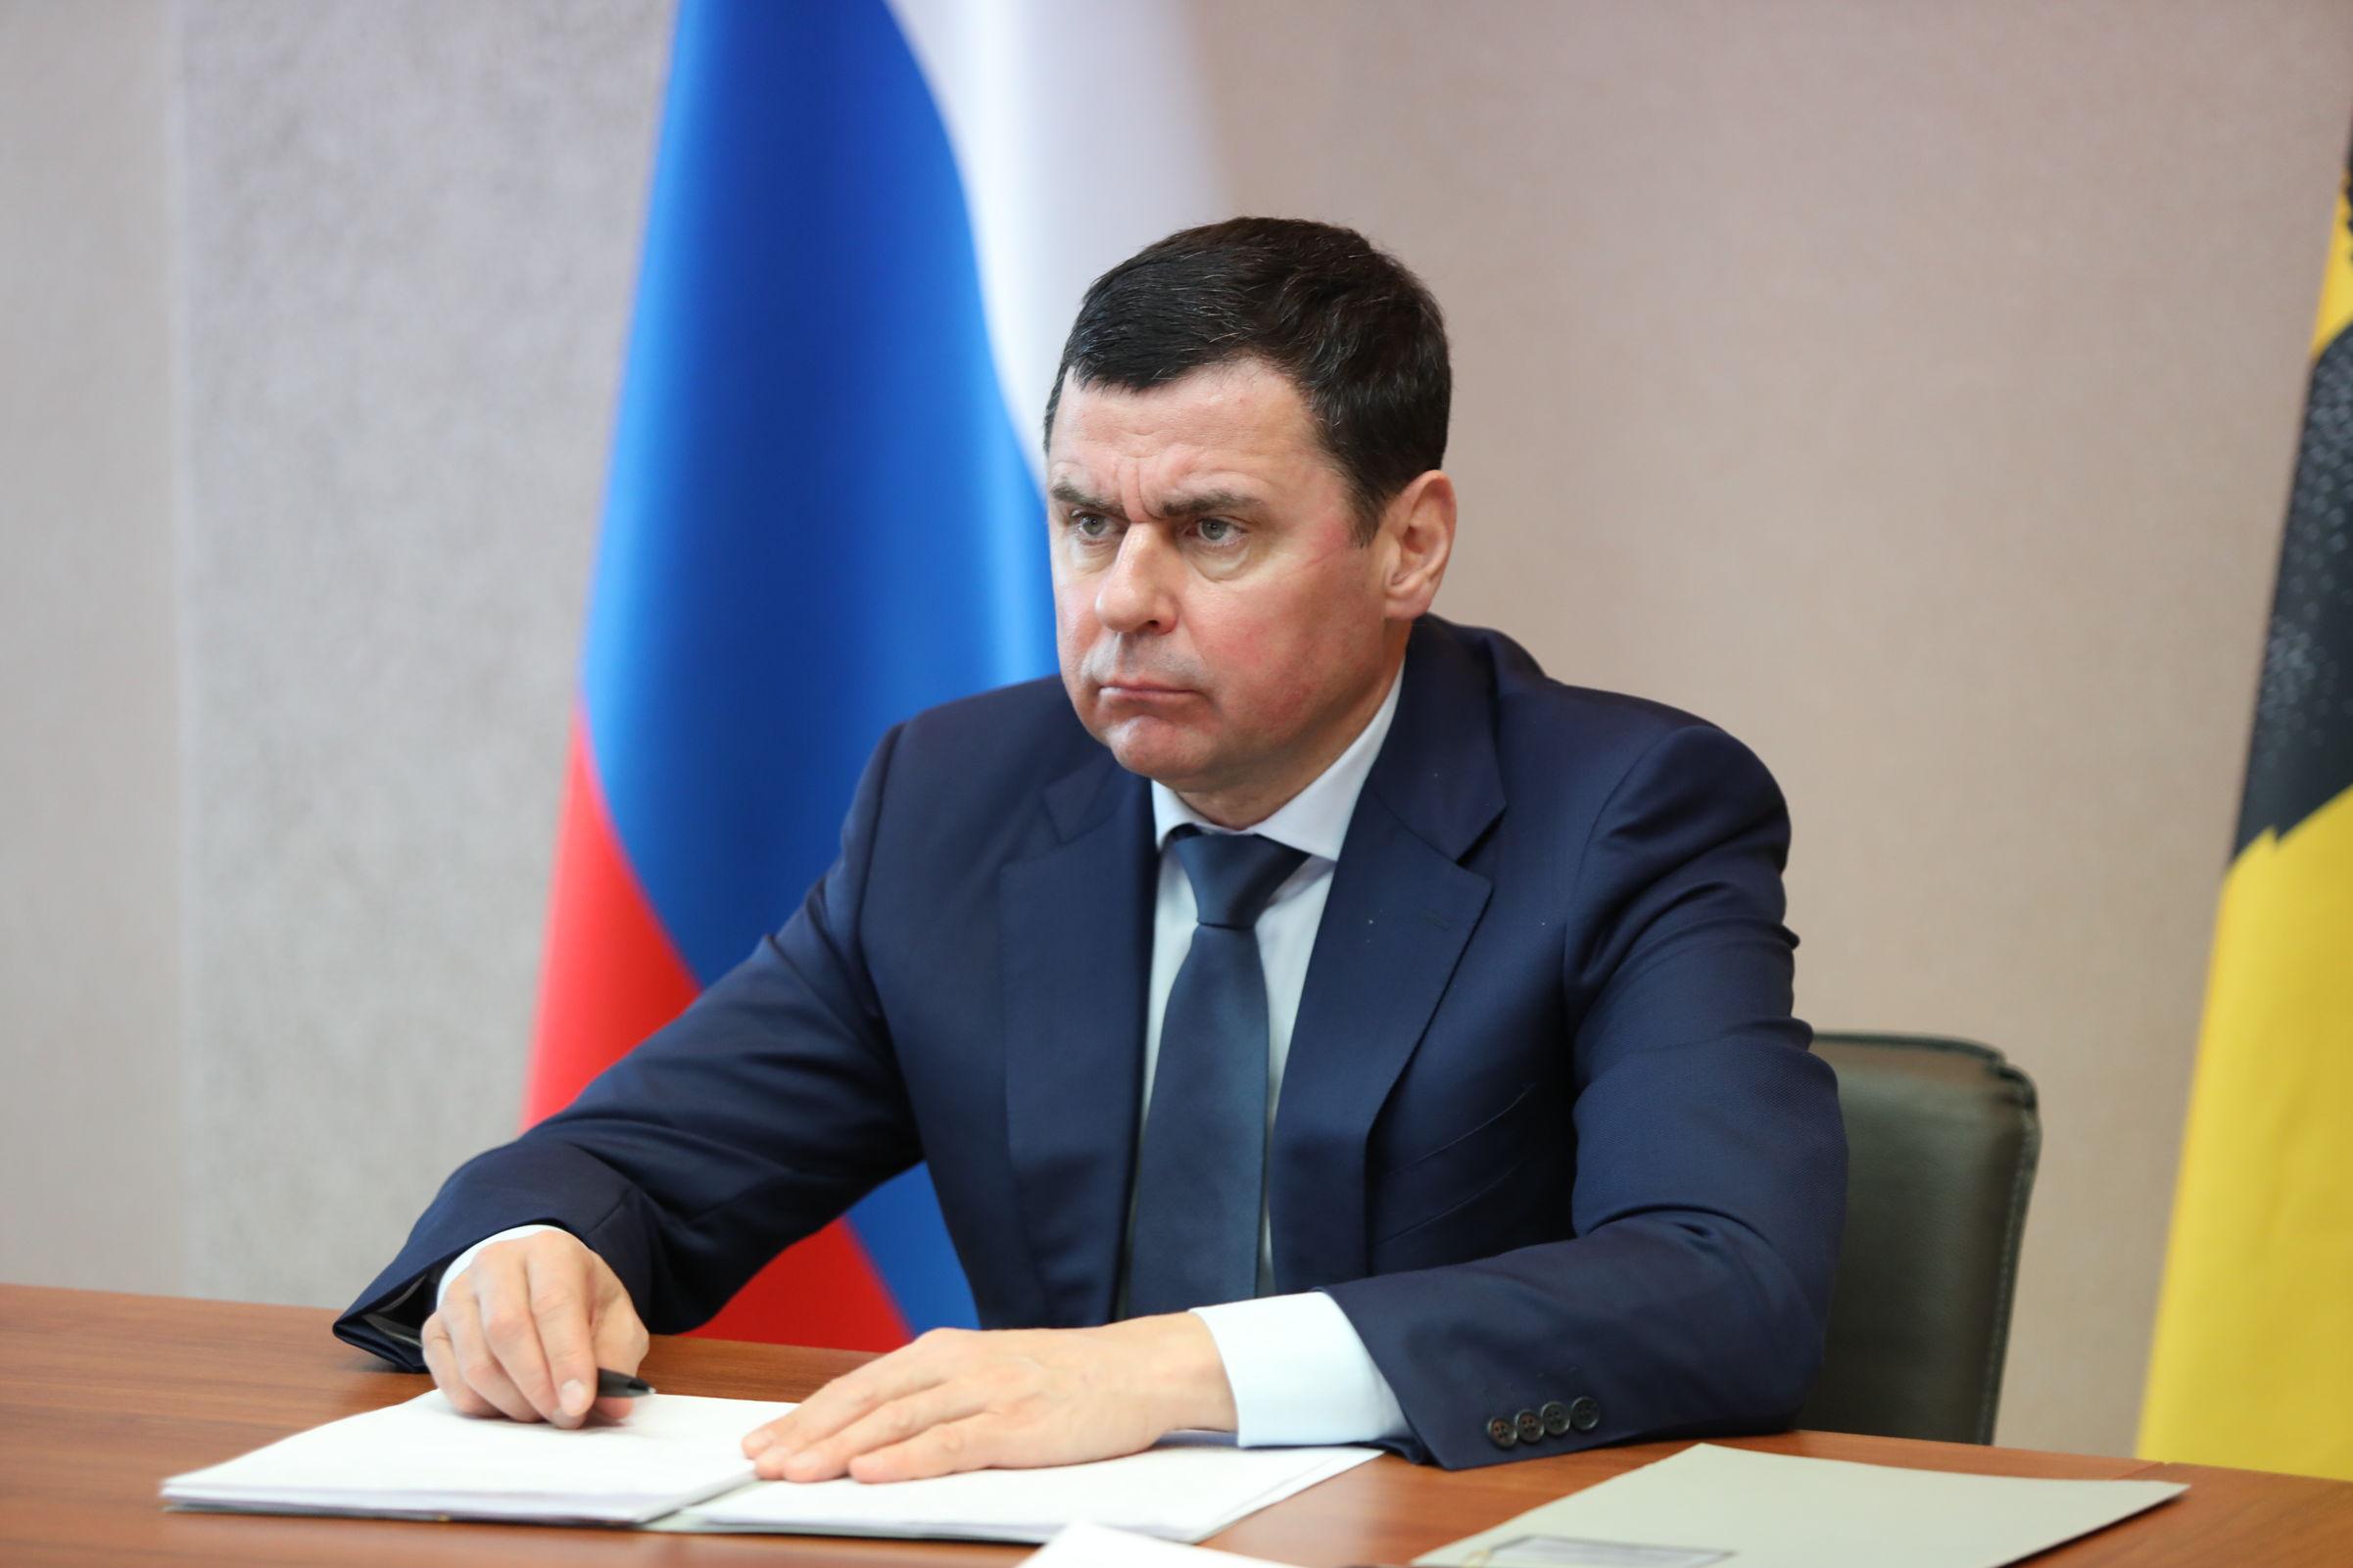 В связи с трагедией в Казани заседание правительства Ярославской области началось с минуты молчания